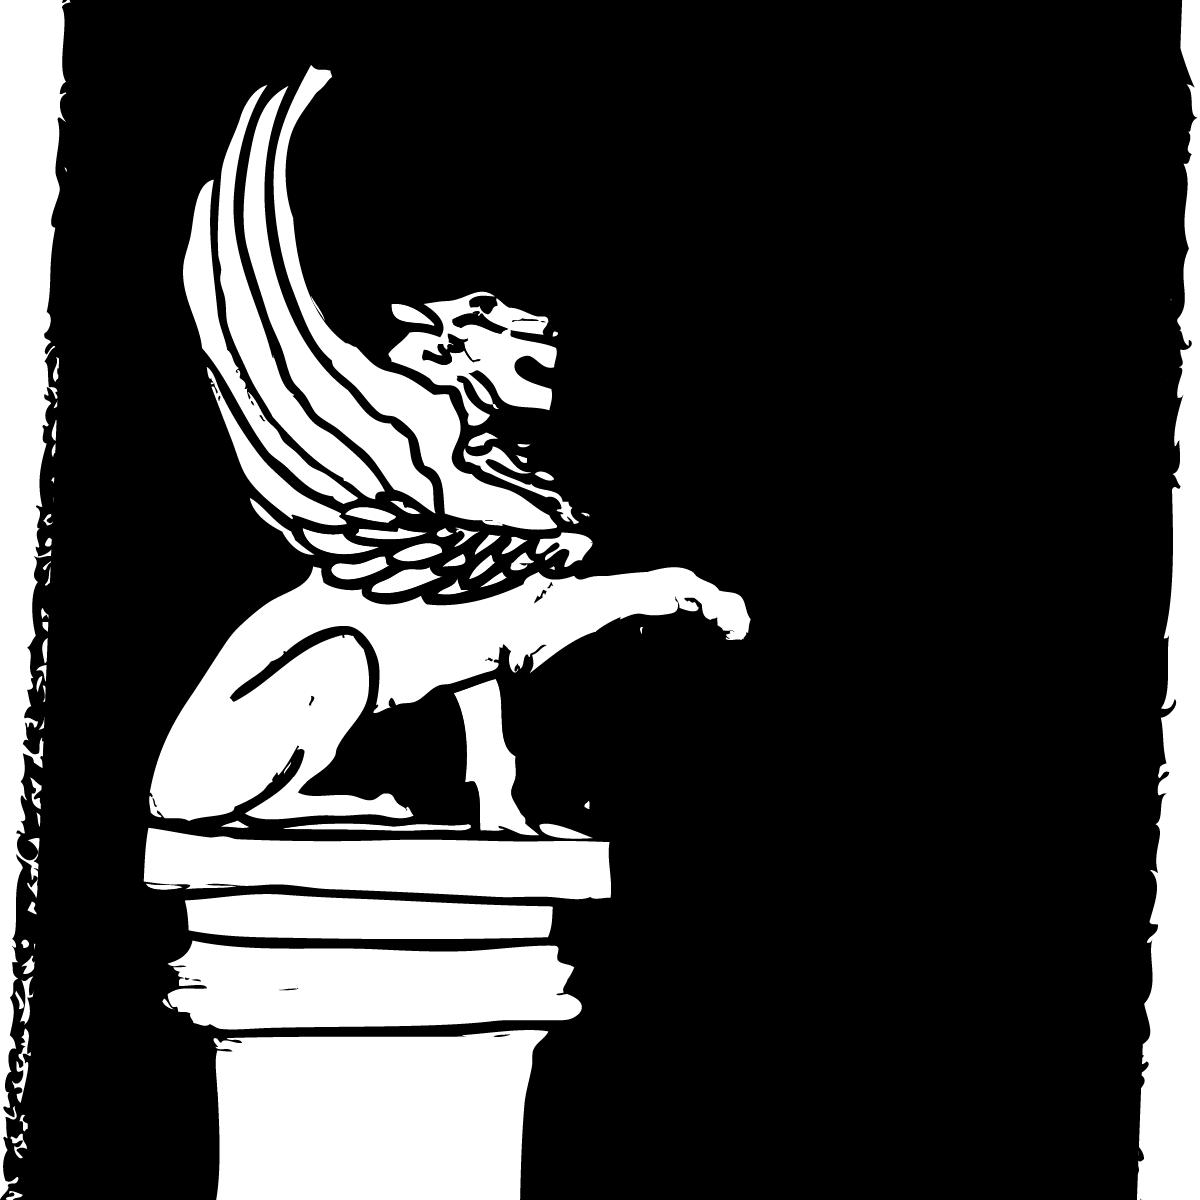 lion_statue-no-paper-01-01